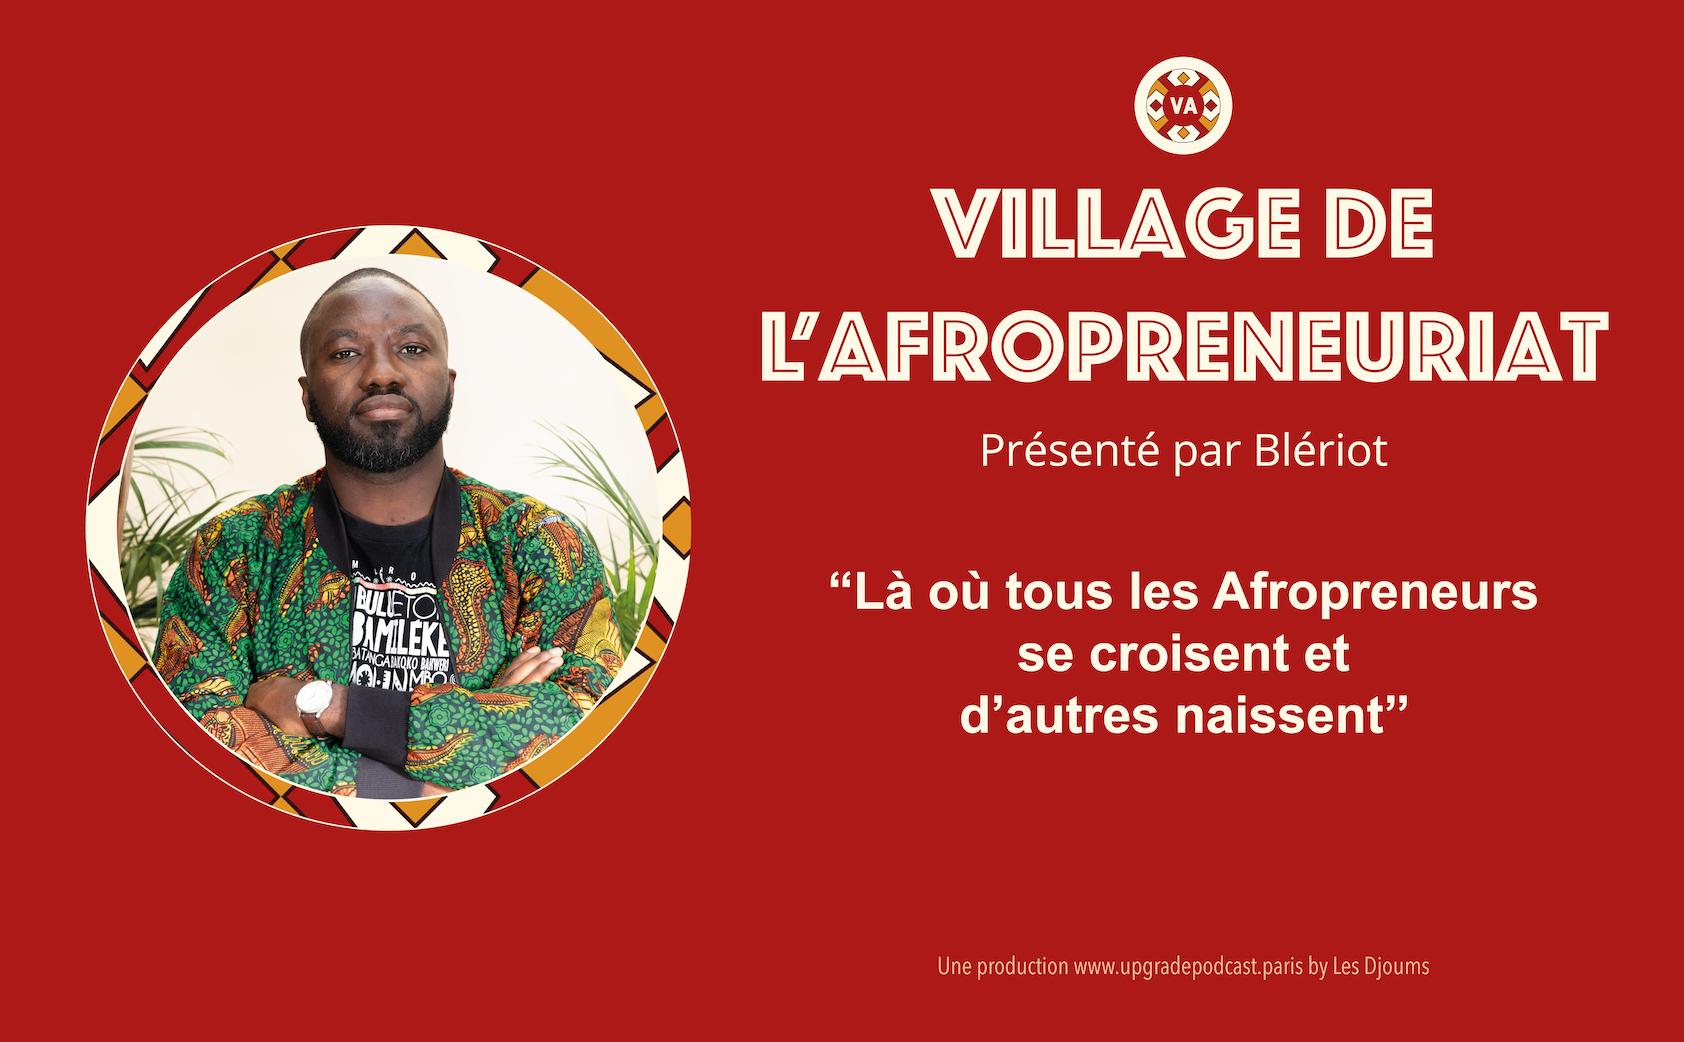 Village de L'afropreneuriat Podcast